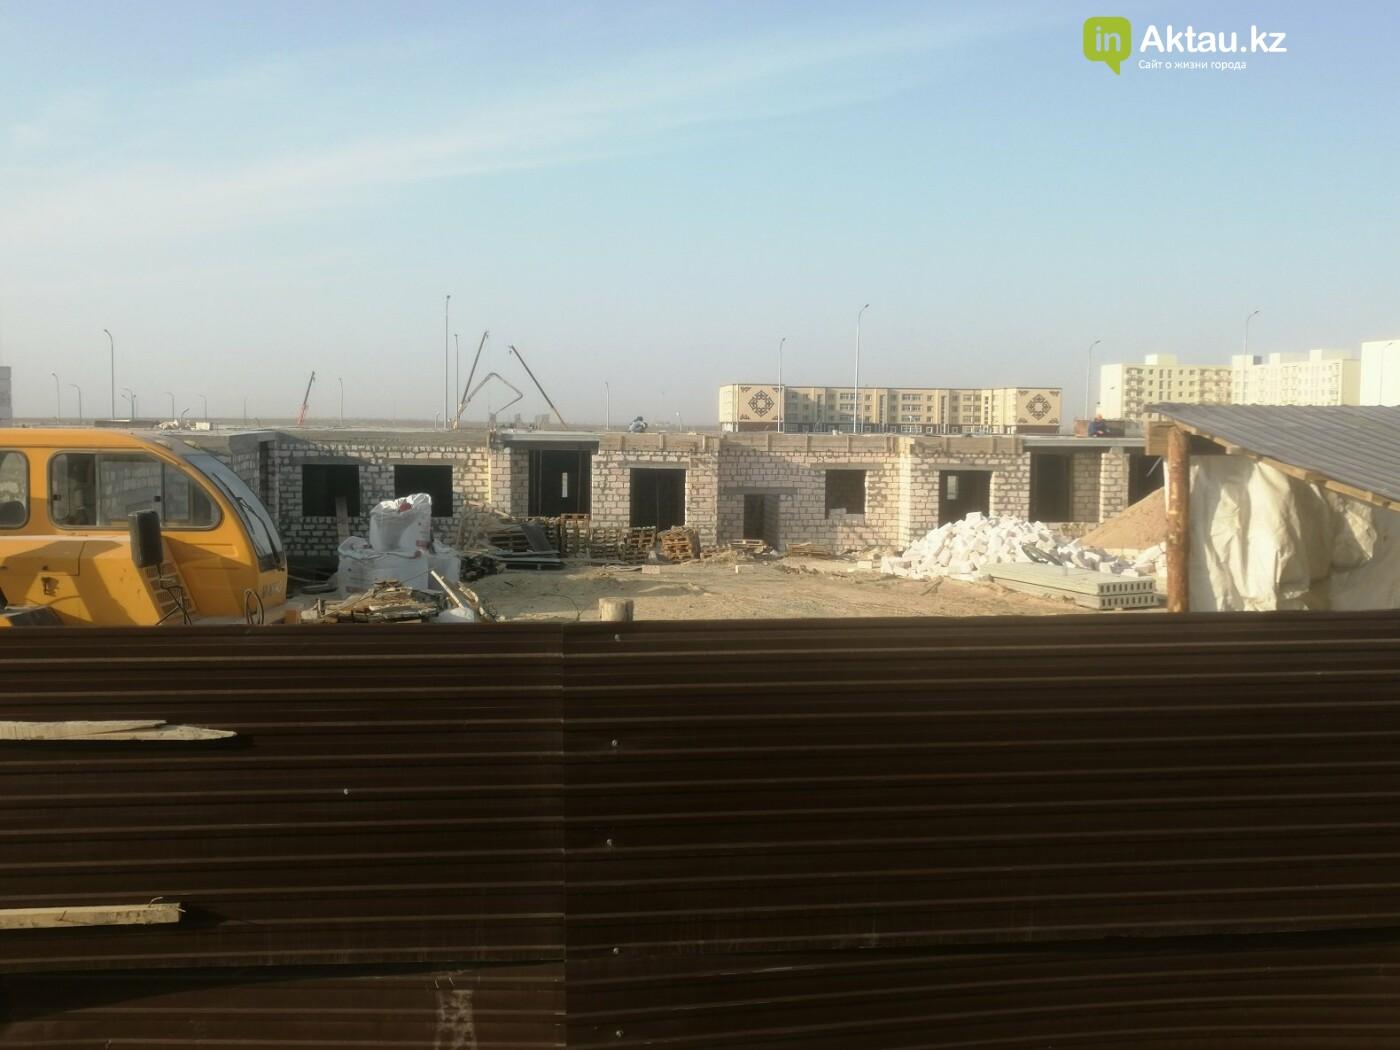 Из 60 строящихся зданий в Актау 15 возводятся без разрешительных документов    , фото-1